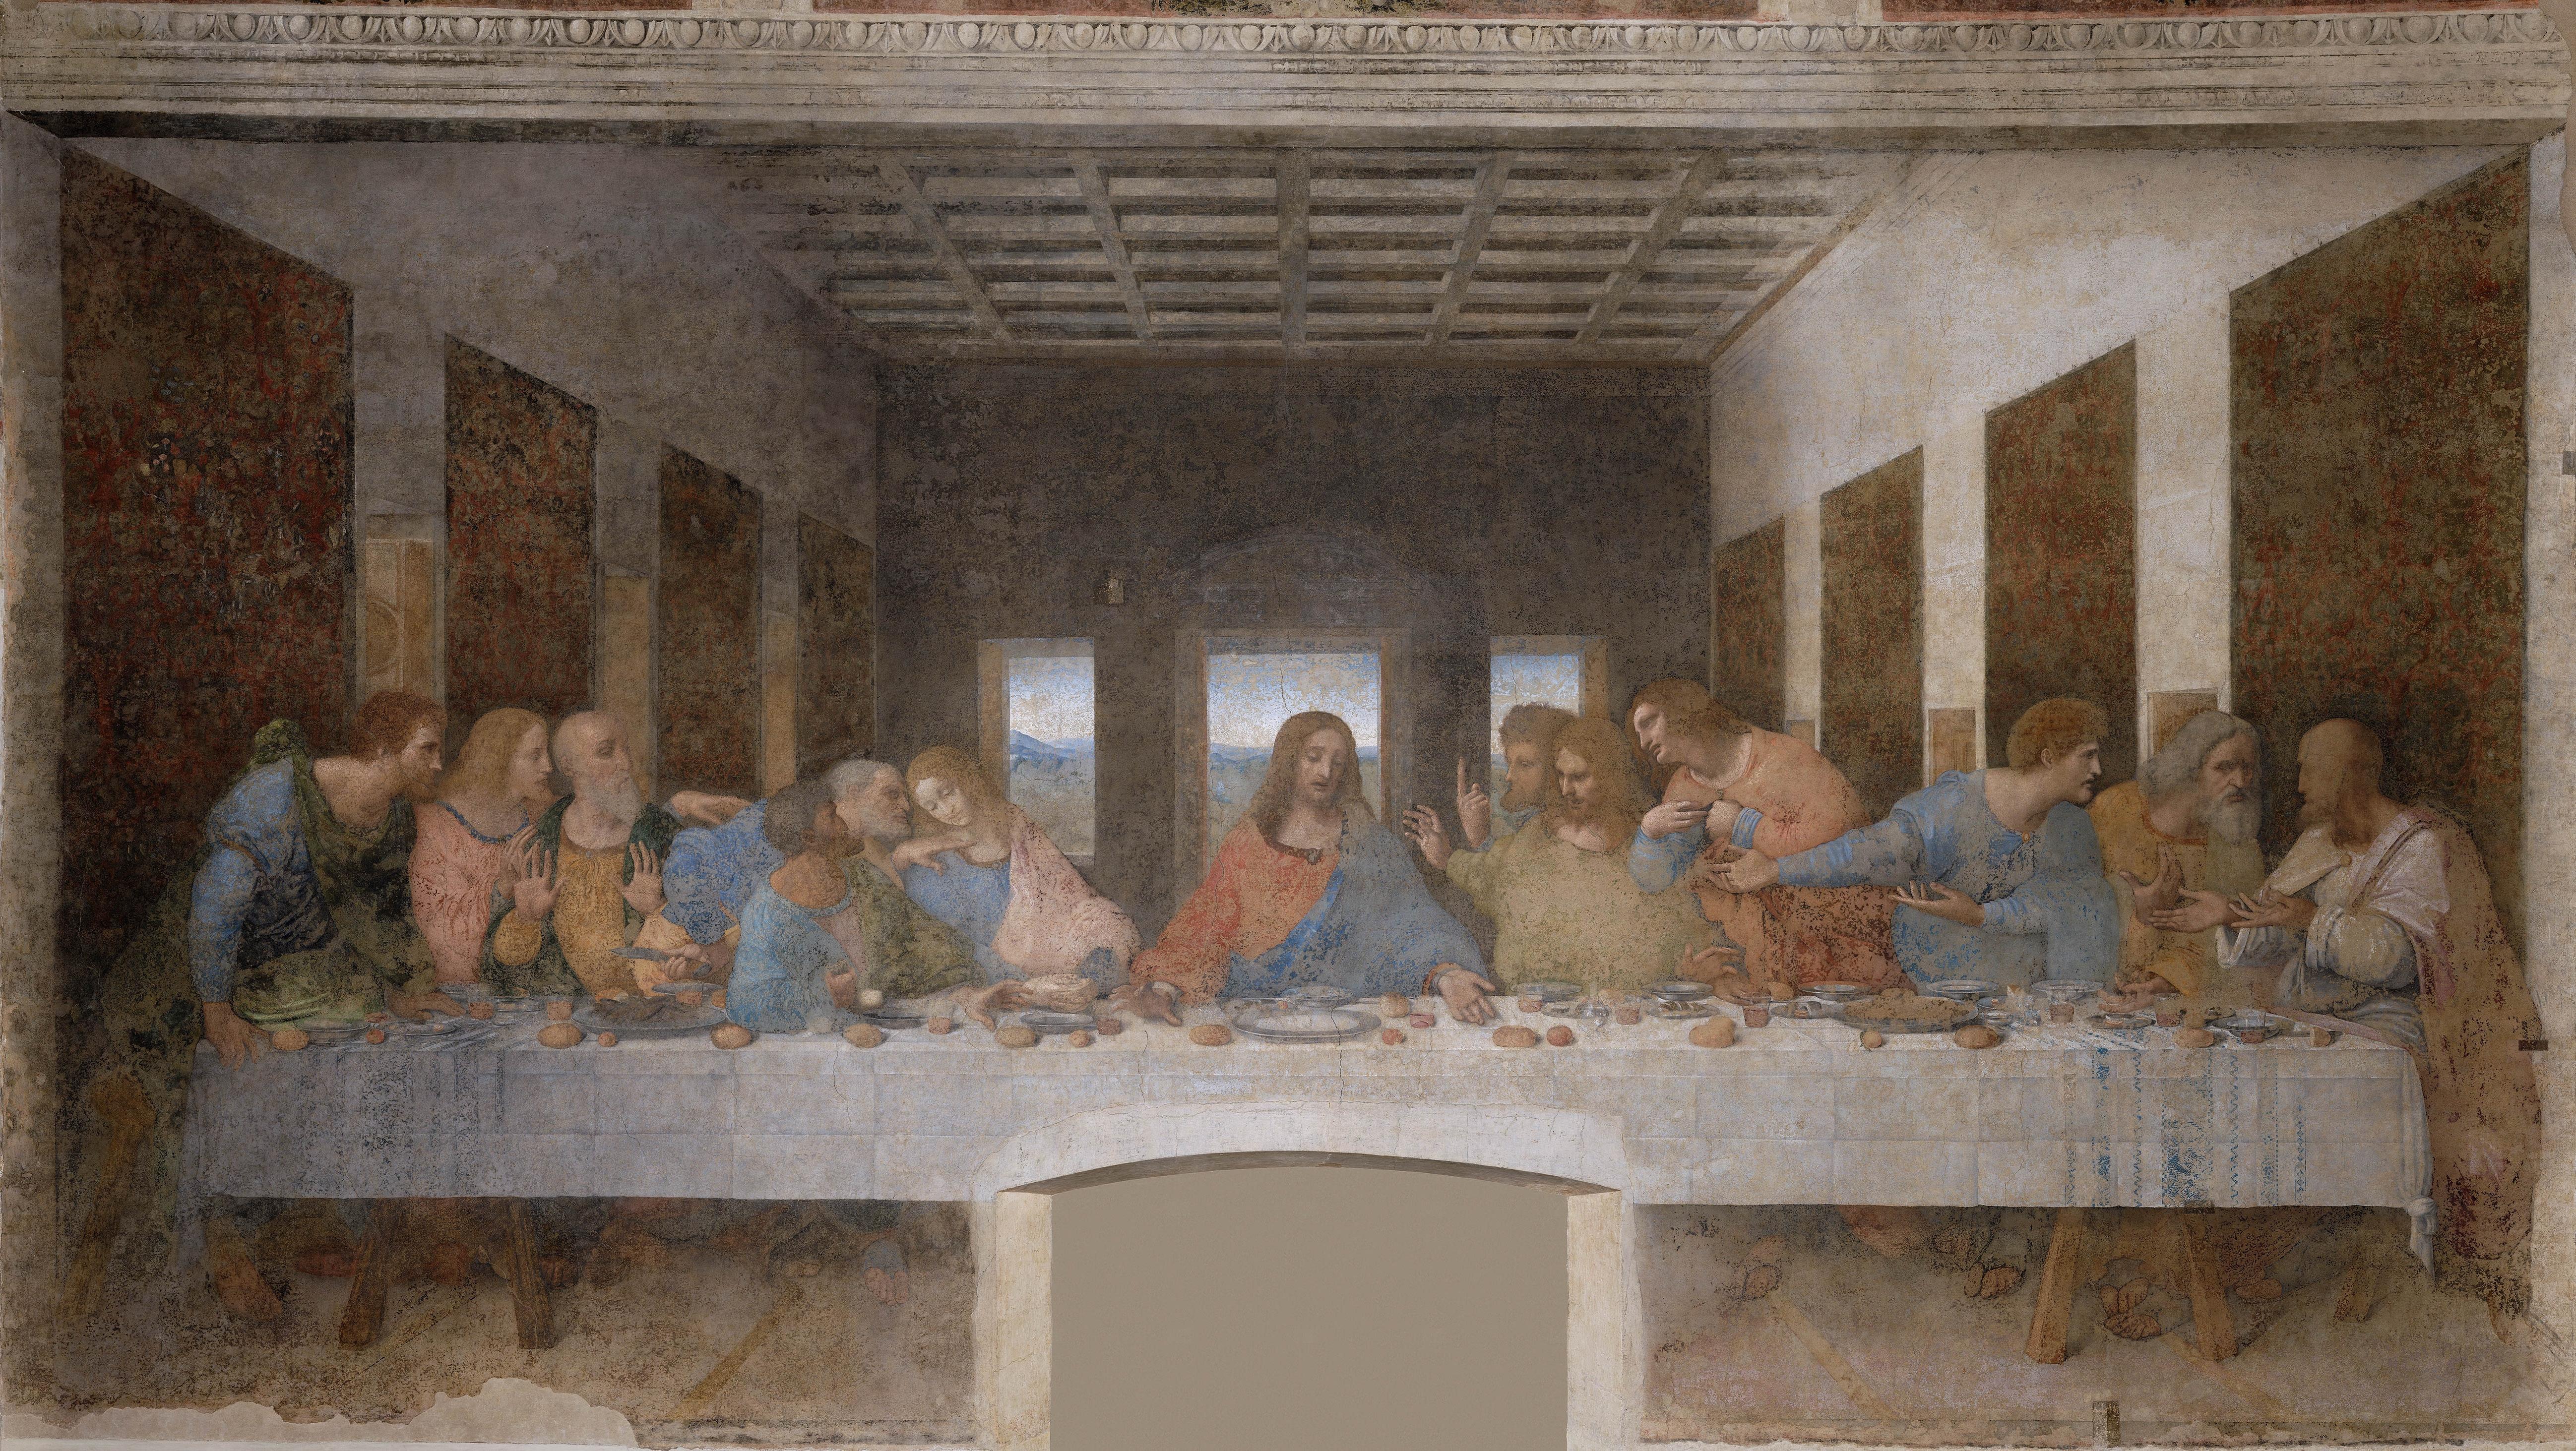 Léonard de Vinci, La Cène, 1498, fresque, Santa Maria delle Grazie à Milan © DR